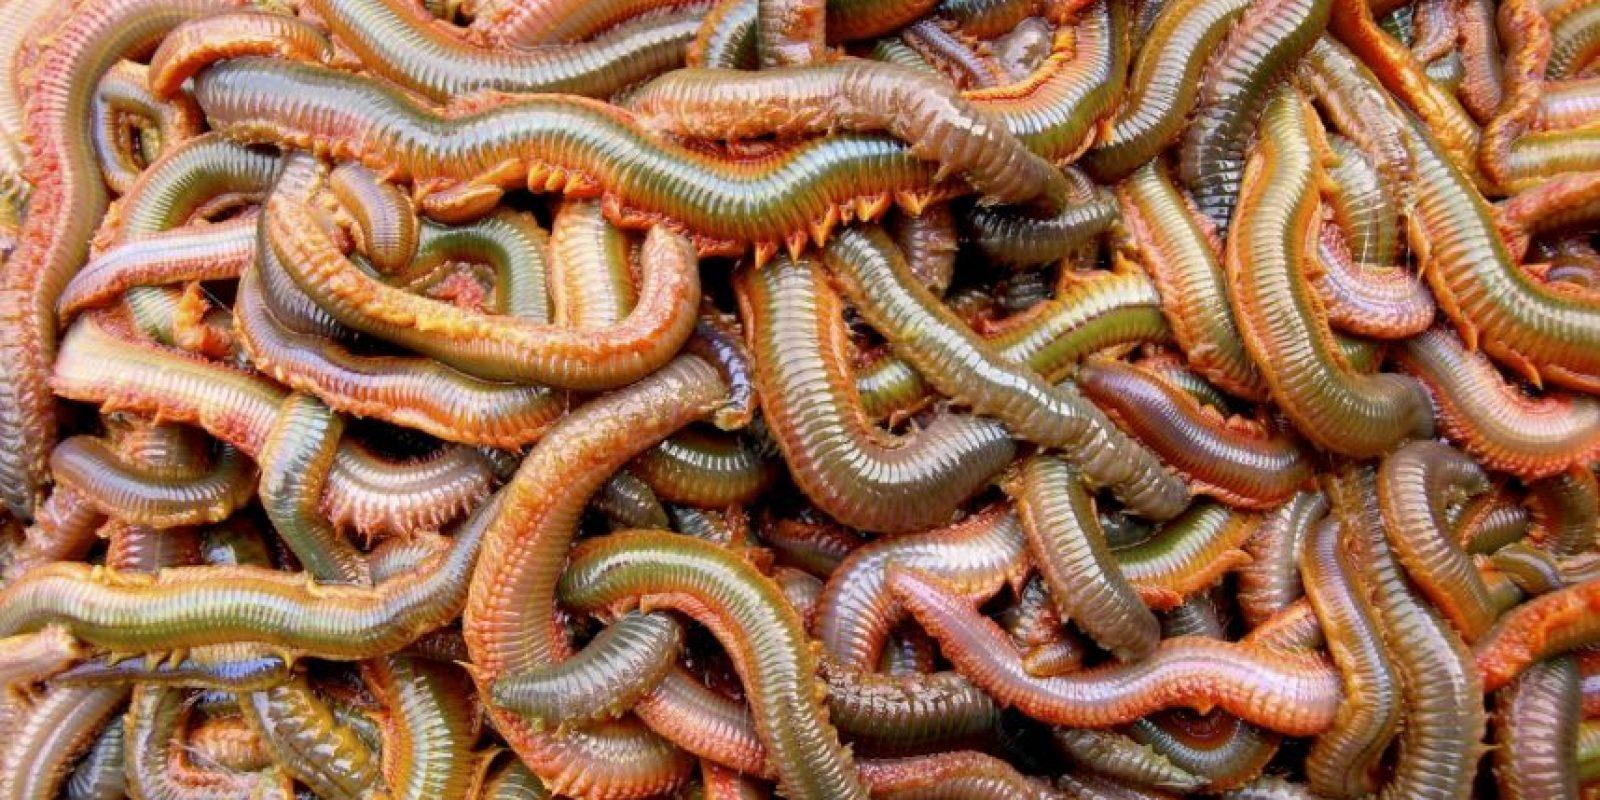 Son omnívoros. Se reproducen una vez en la vida y se los comen las aves costeras. Foto:vía RealMonstruosities